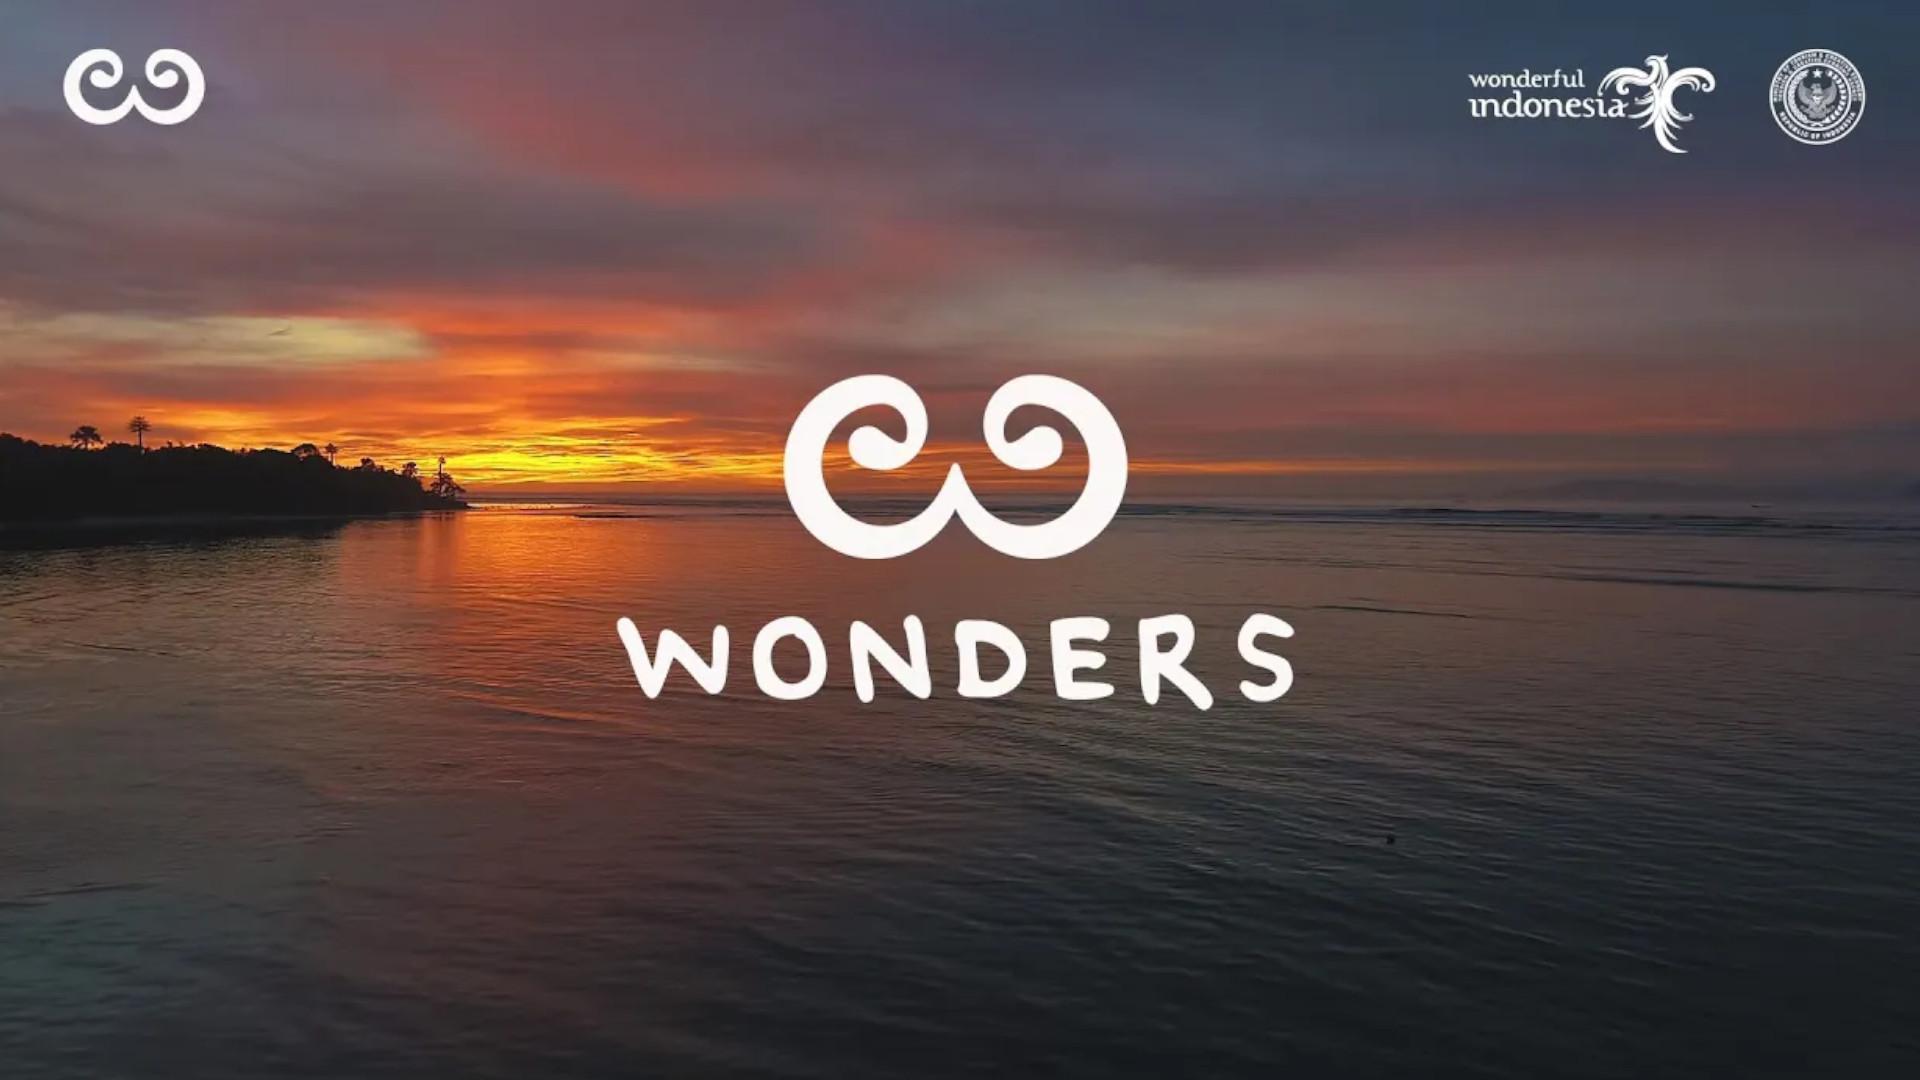 WONDERS Indonesia, Plengkung Beach, Banyuwangi